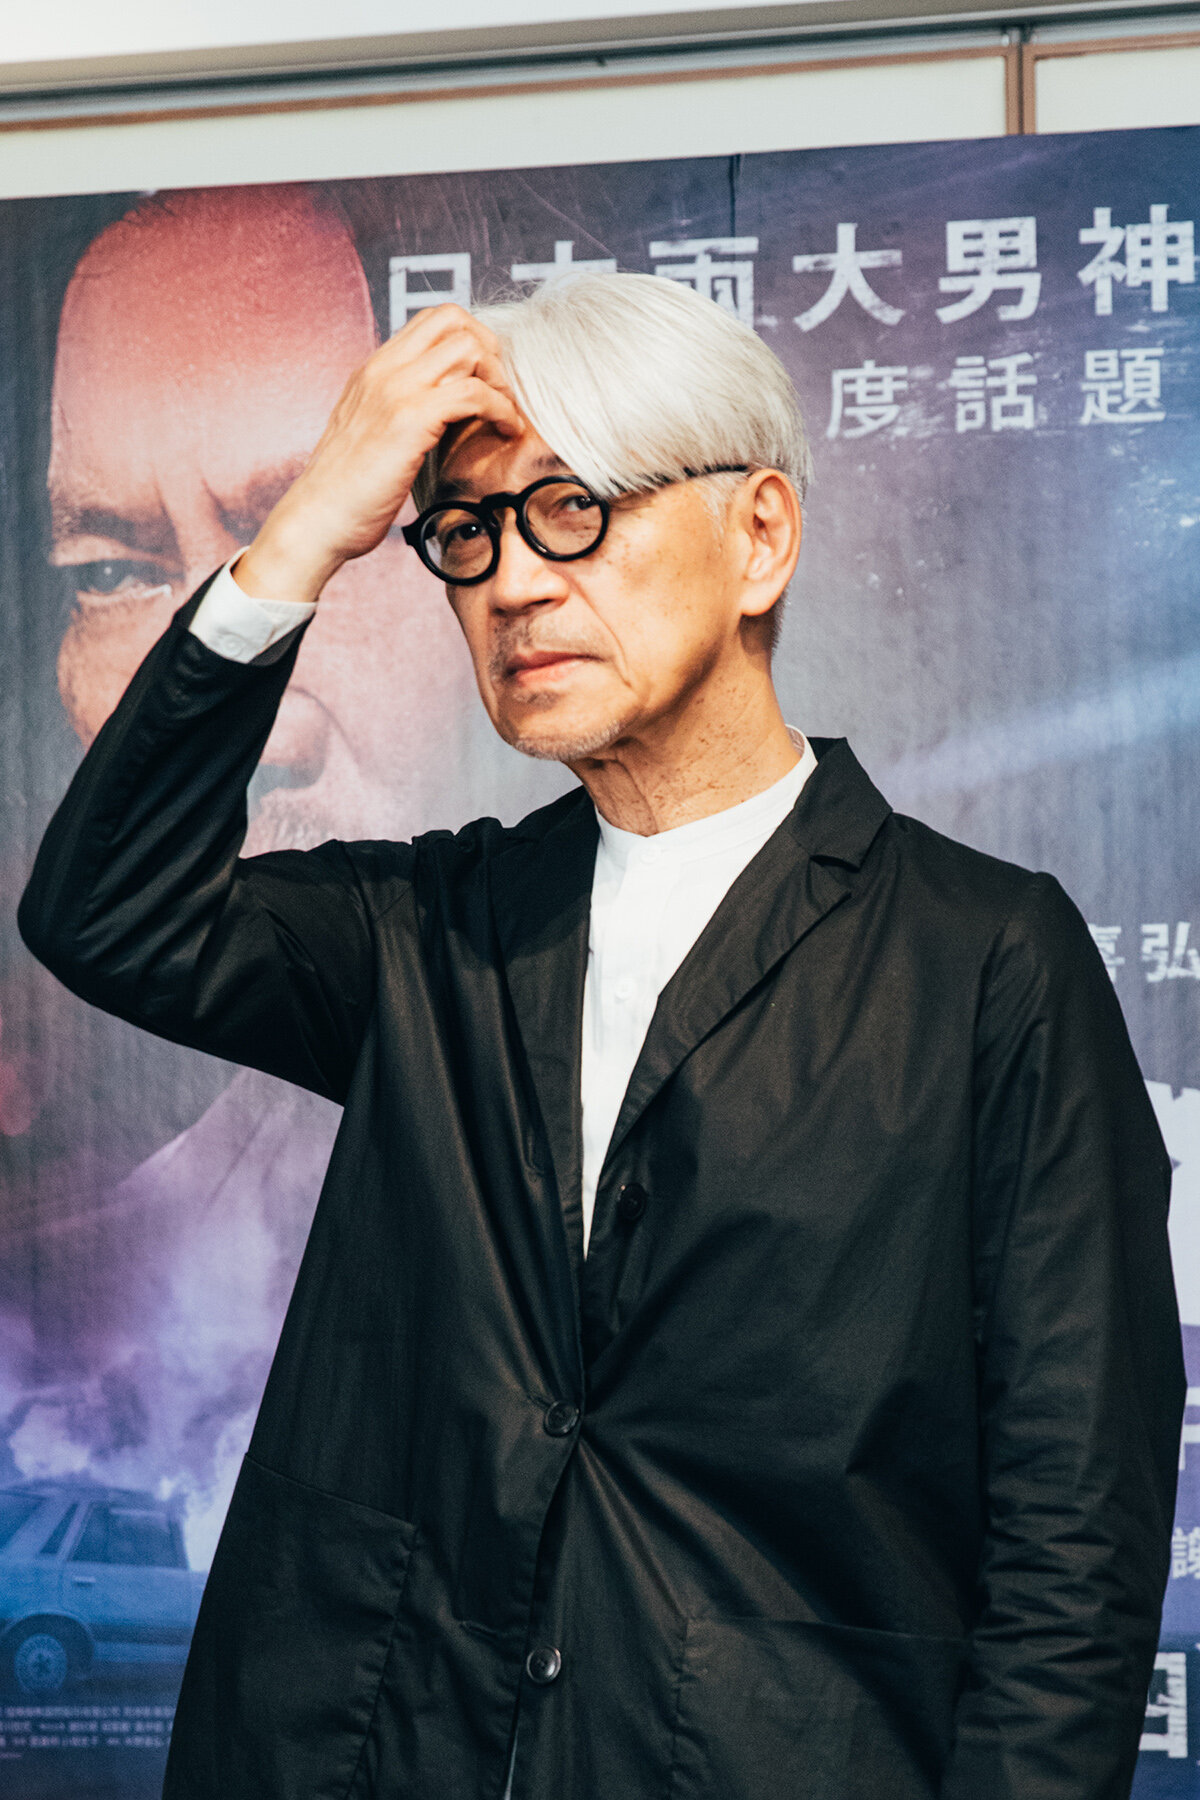 習慣以黑白色作為標準穿搭的坂本龍一,年過60仍散發出獨特的藝術氣質,招牌中分髮型與撥瀏海姿態,自在中帶有濃厚的個人特質。